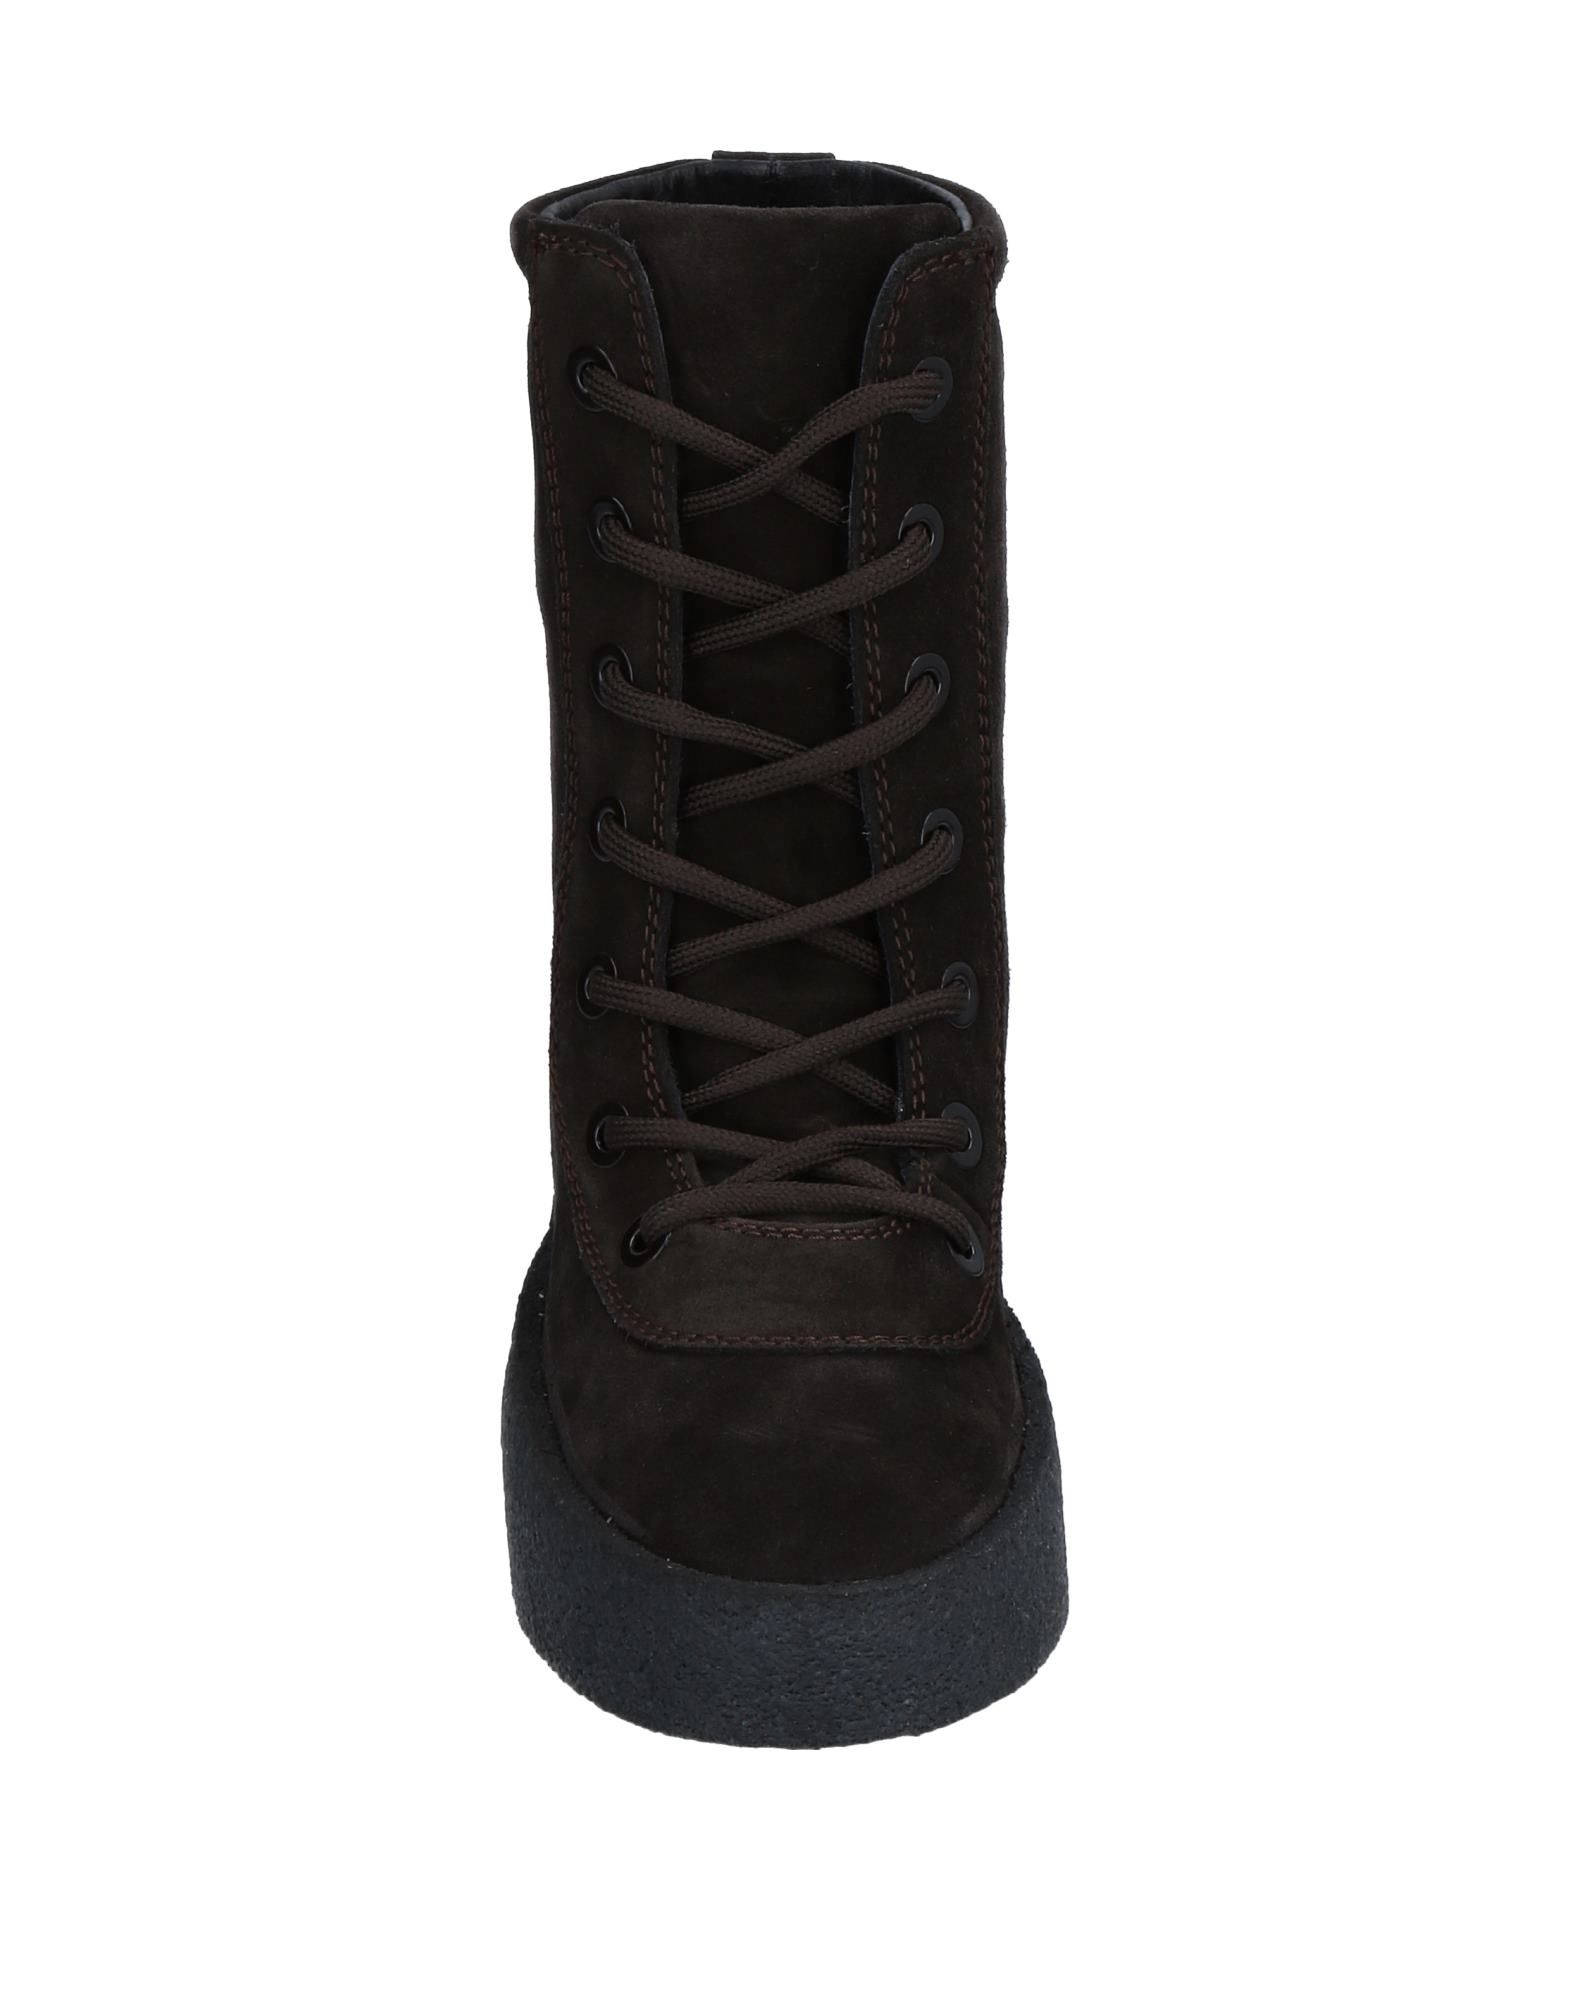 Yeezy Stiefelette Damen  aussehende 11503802HLGünstige gut aussehende  Schuhe 89983a